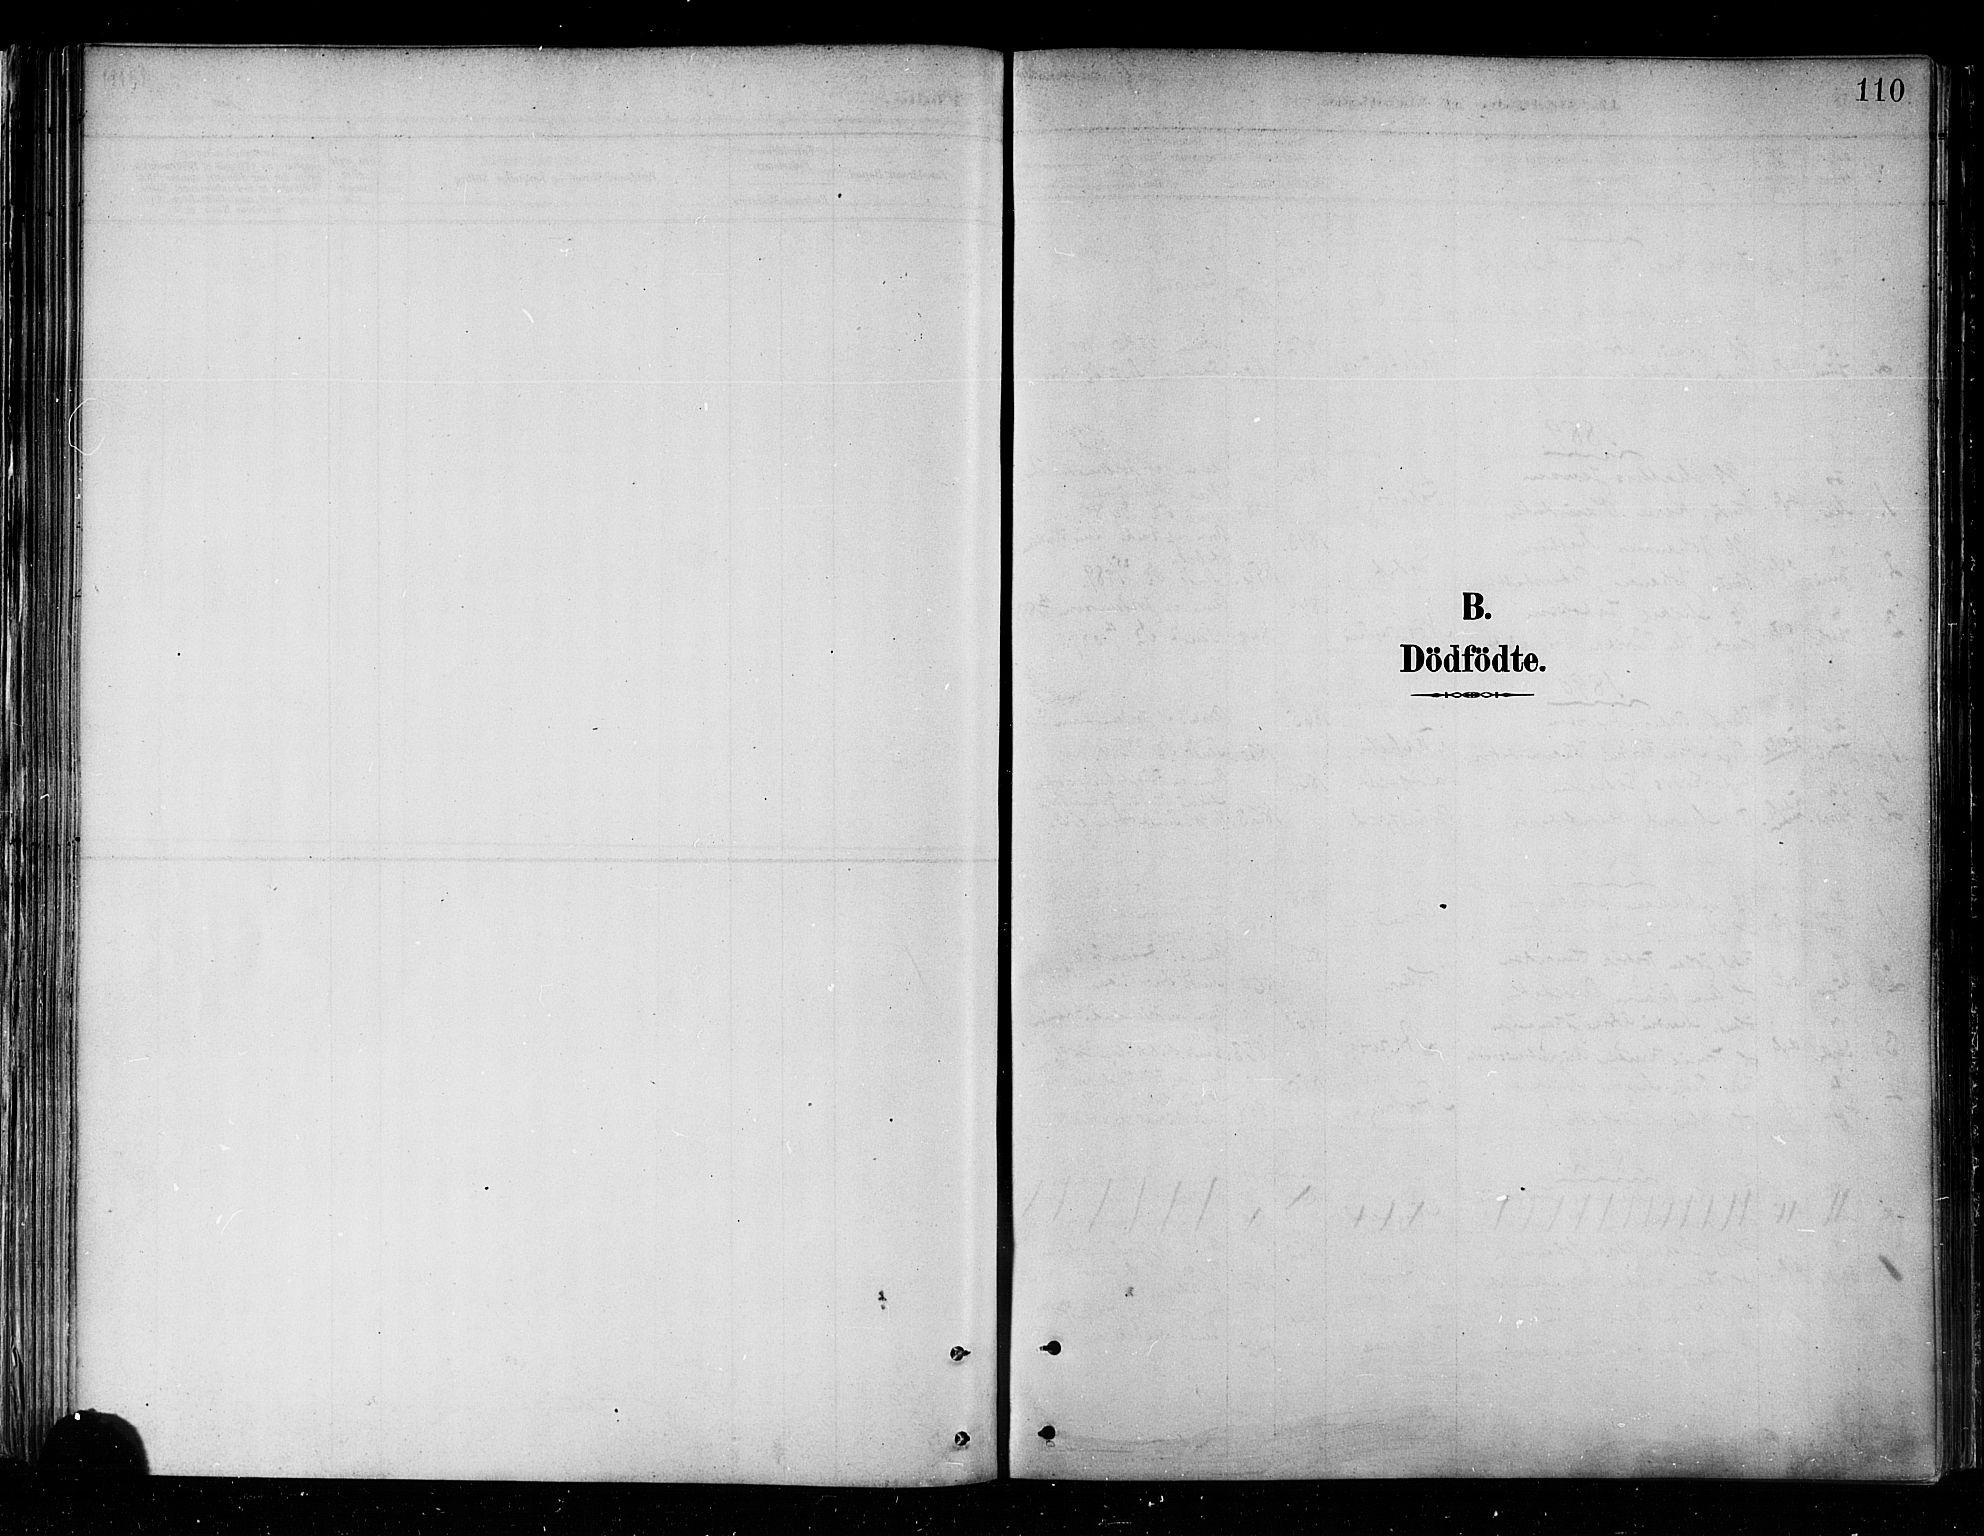 SATØ, Skjervøy sokneprestkontor, H/Ha/Haa/L0010kirke: Parish register (official) no. 10, 1887-1898, p. 110